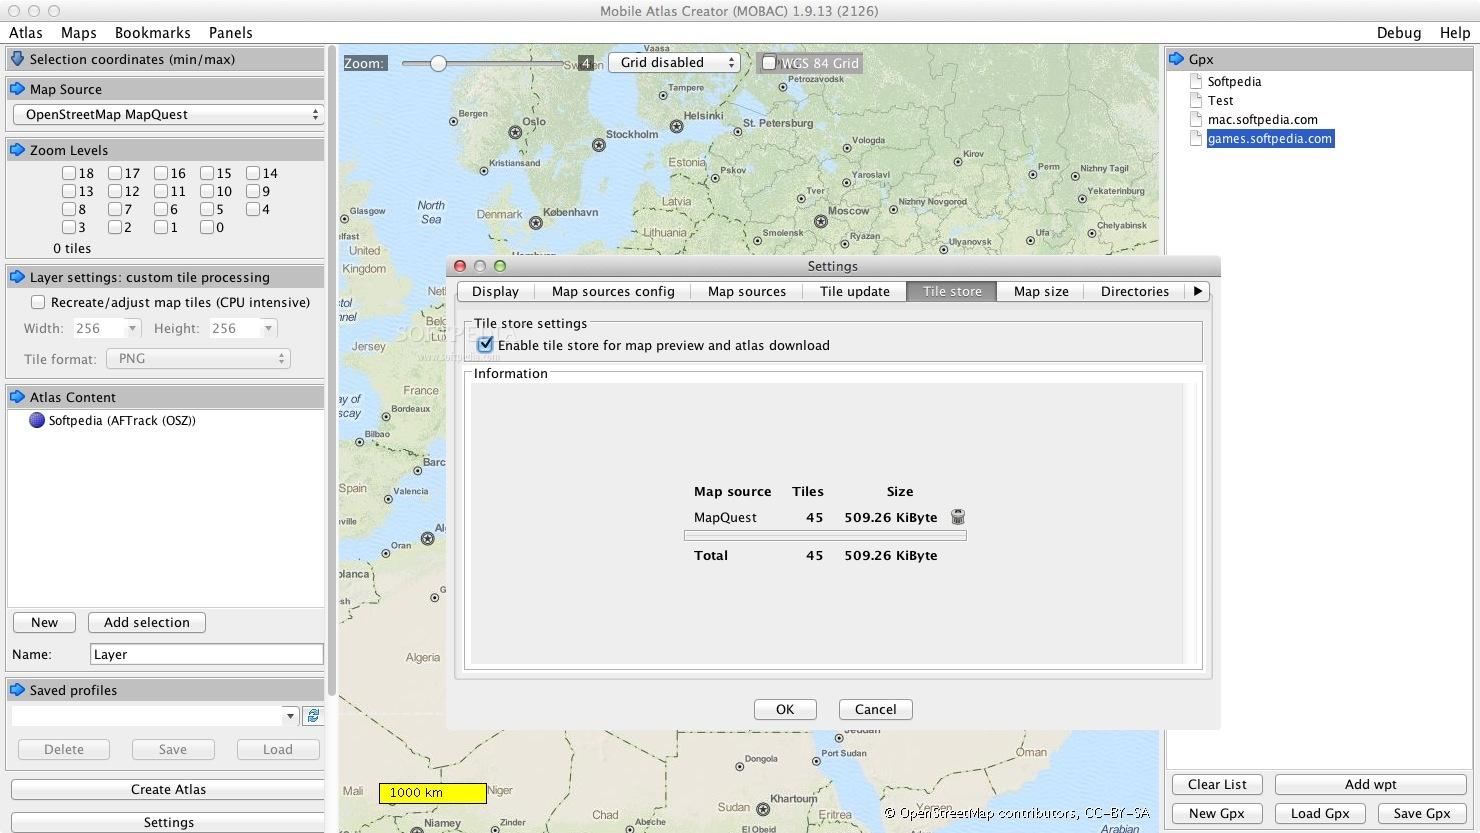 Mobile Atlas Creator Mac 1 9 16 / 2 0 0 Beta 1 - Download